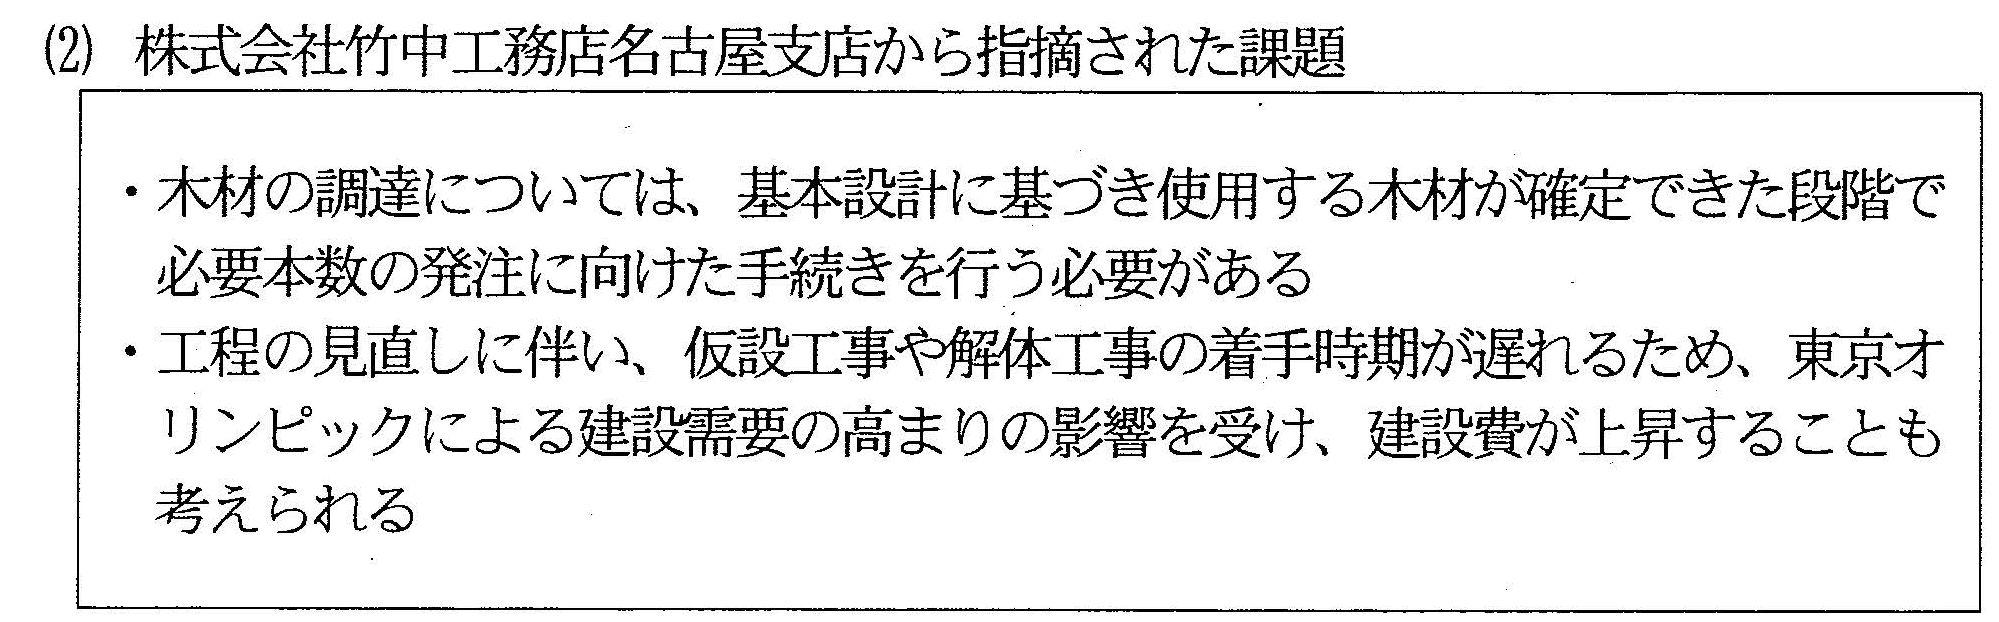 名古屋城天守閣木造化 2022年7月だと竹中工務店「建設費が上昇することも考えられる」と認める_d0011701_1724788.jpg